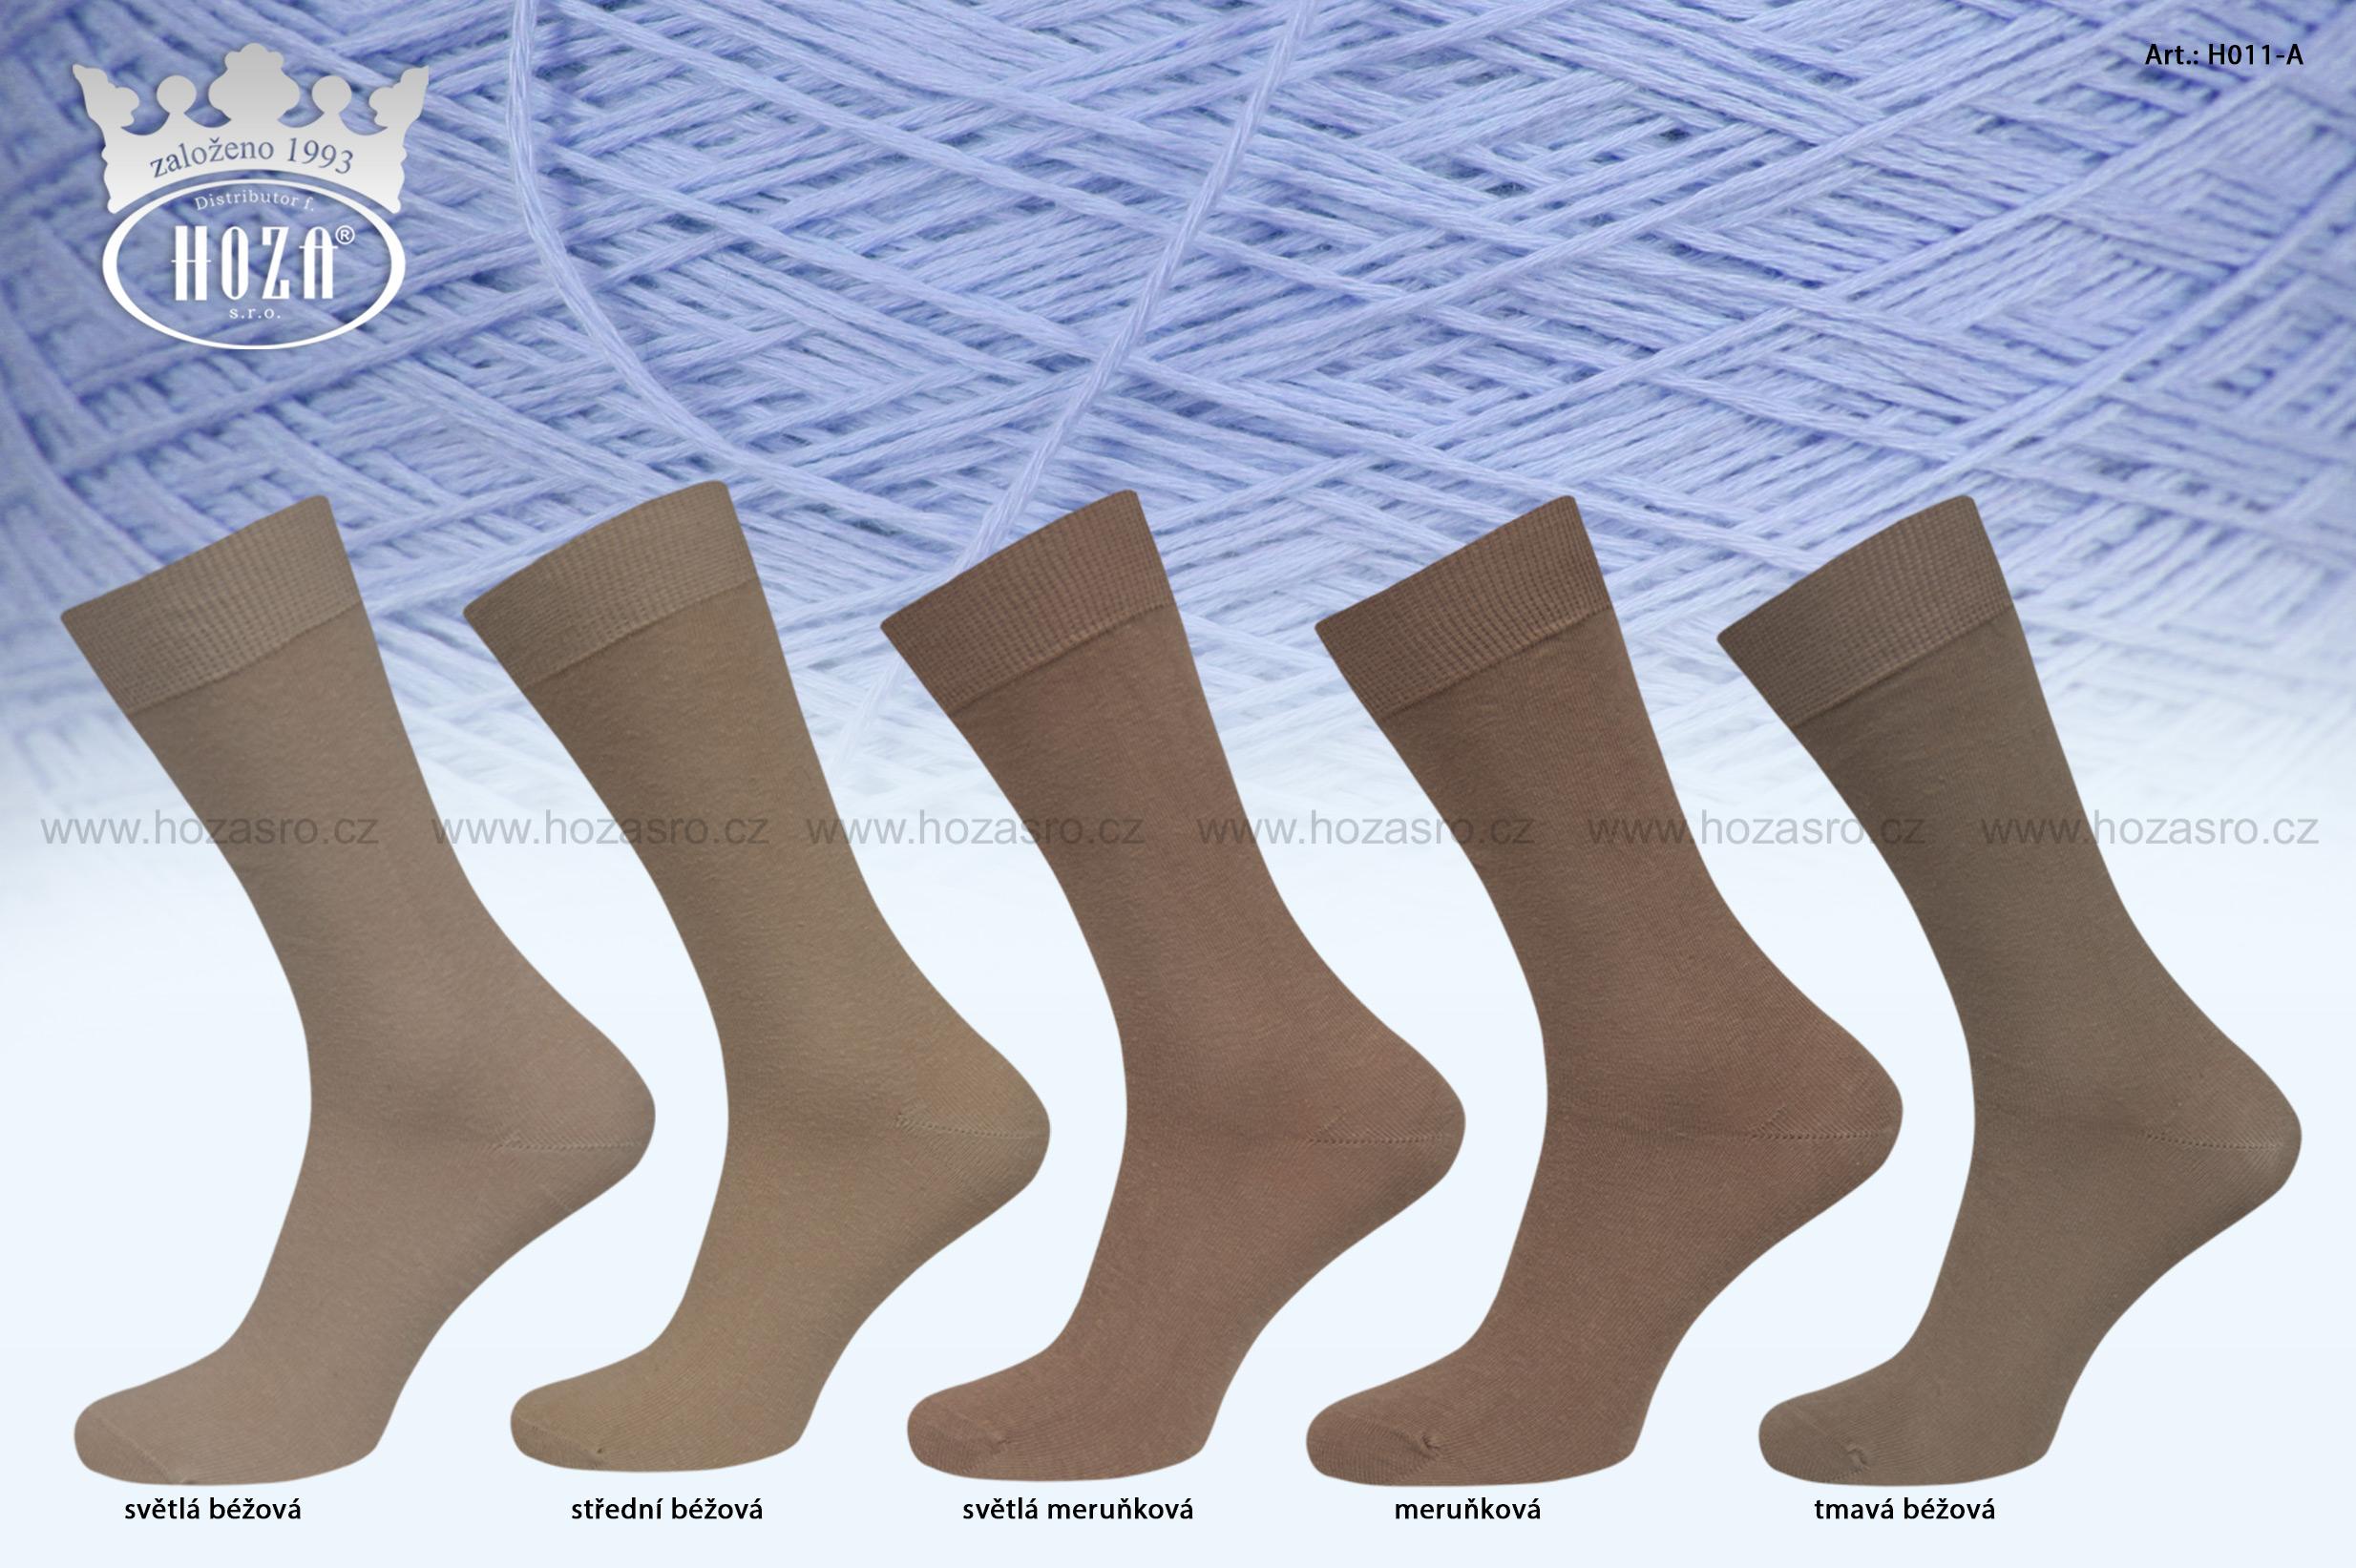 Pánské ponožky hladké, 100% bavlna - hnědý mix - H011-A